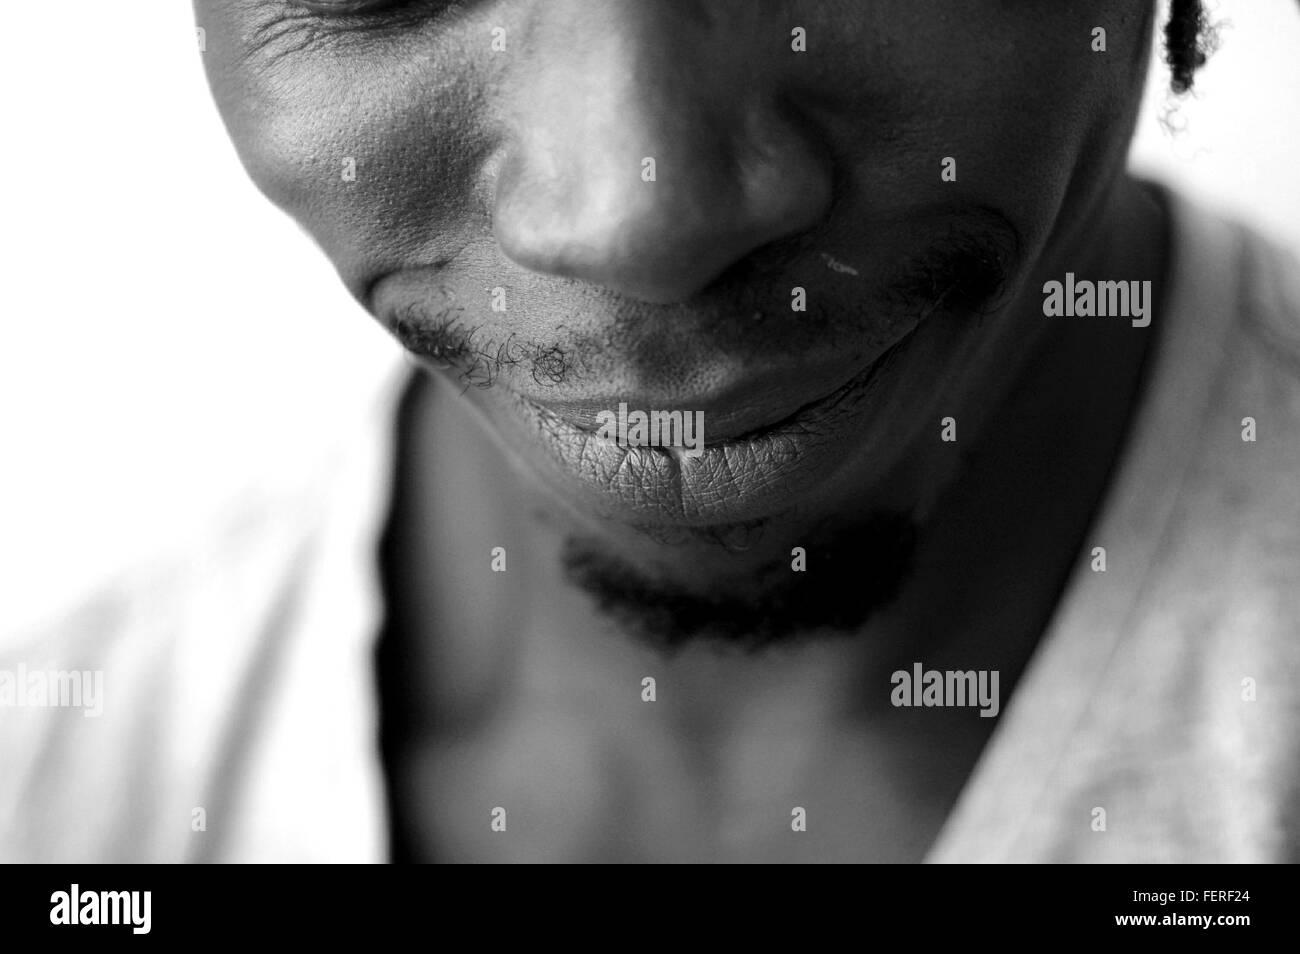 Portrait de l'homme contre l'arrière-plan blanc Photo Stock